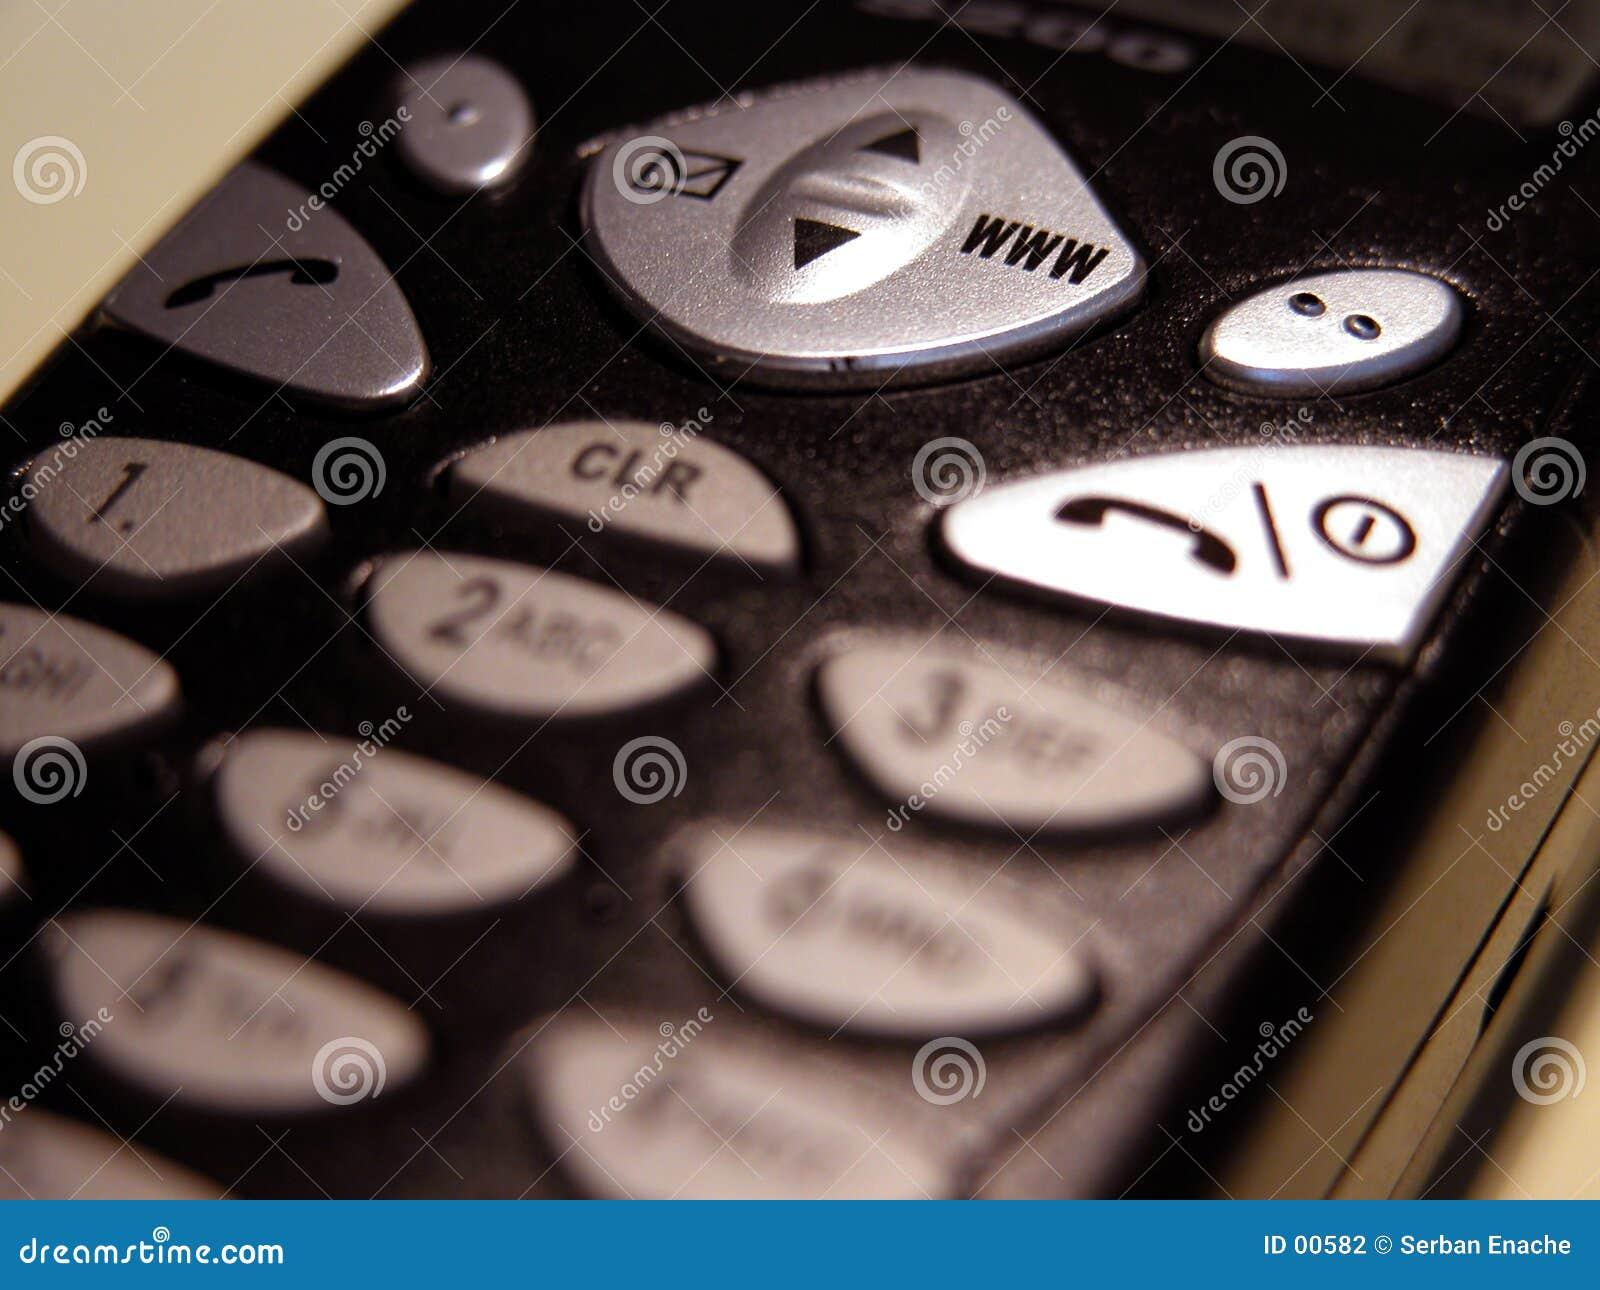 Comunique - WWW